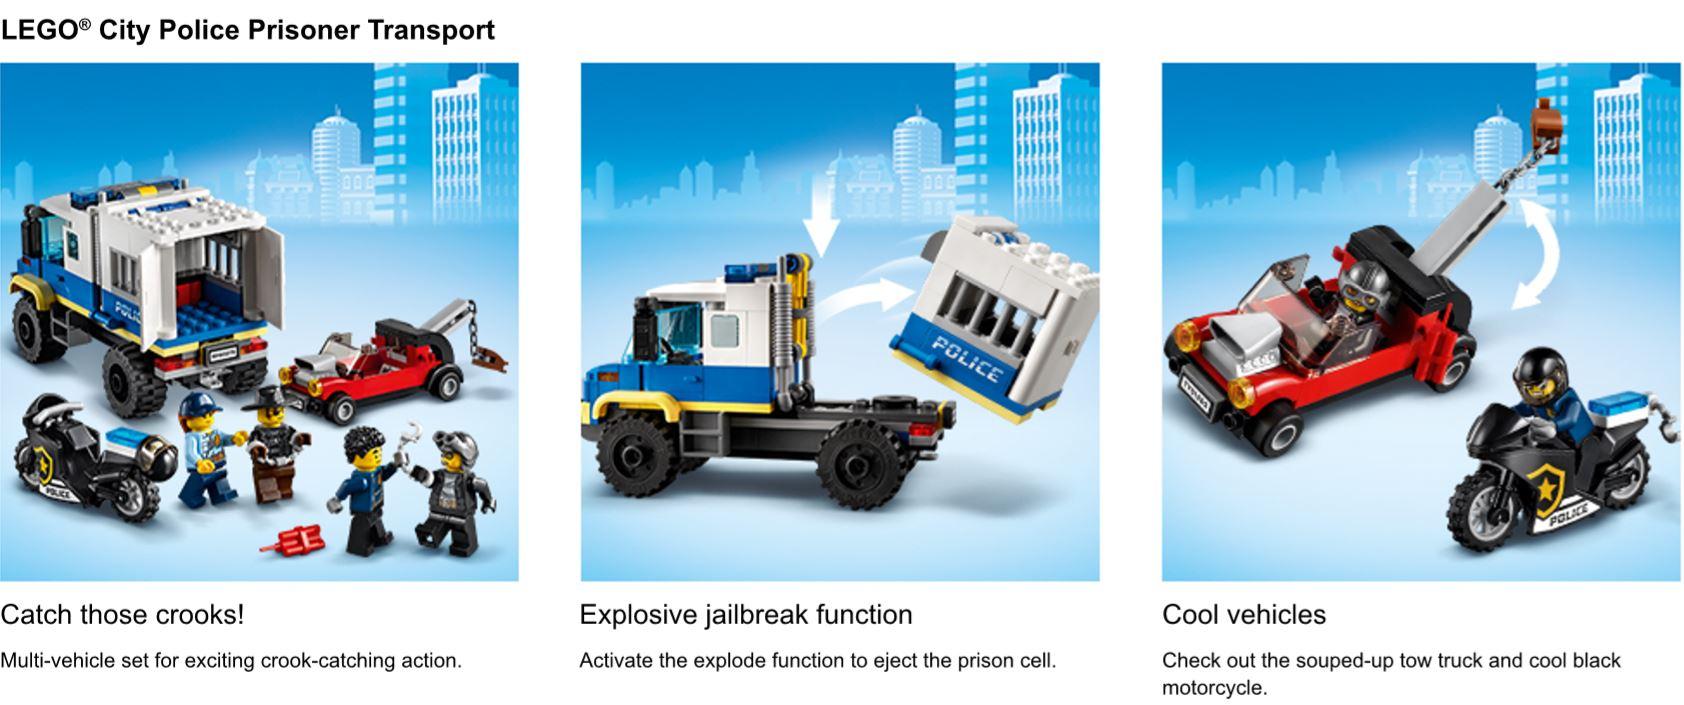 Police prisoner transport set with minifigures